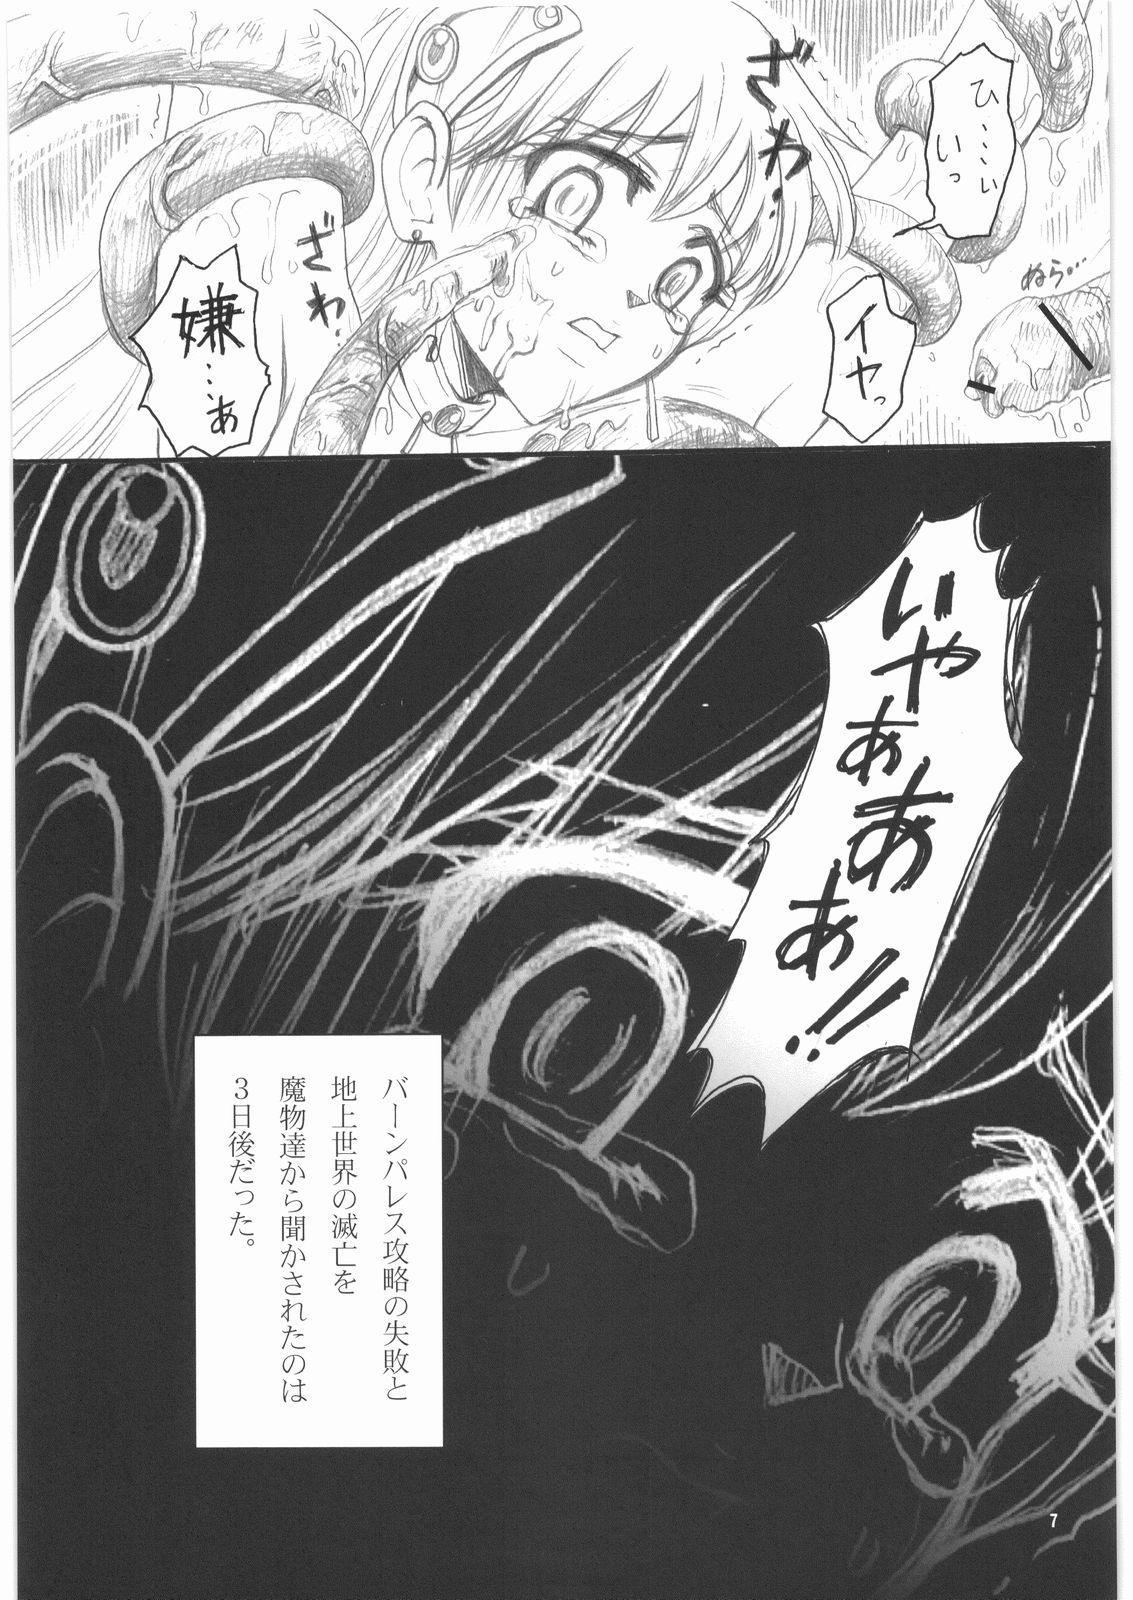 Shokushu Kyousei jutai Maam 5